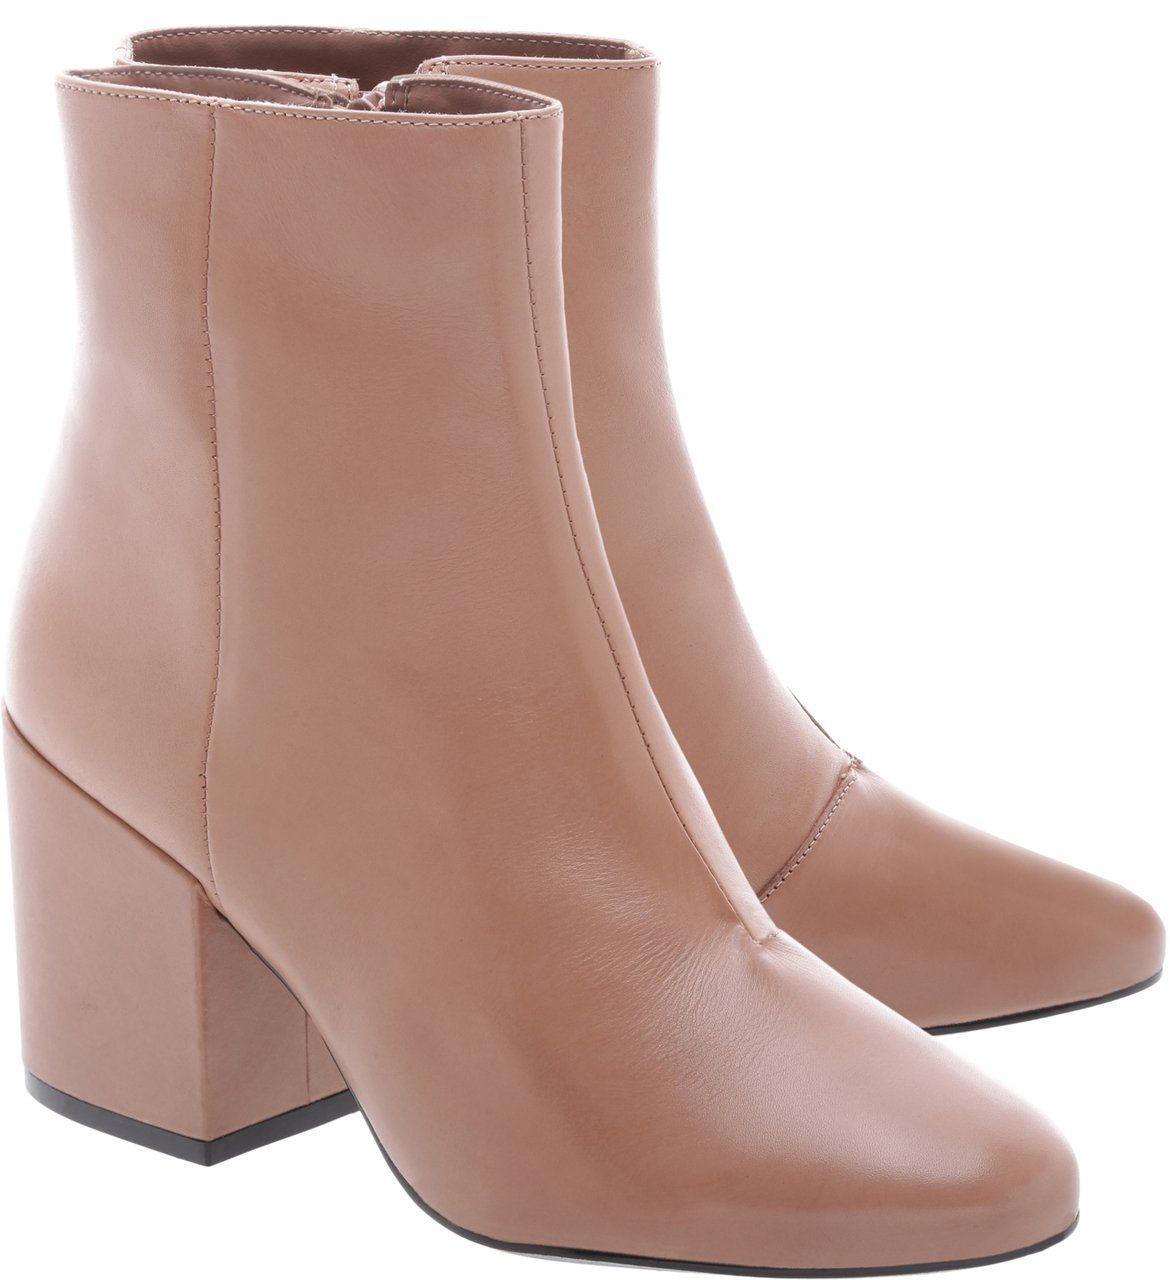 99dd75e22a479 Bota Couro Salto Bloco Alto Preta botas en 2018 t Shoes